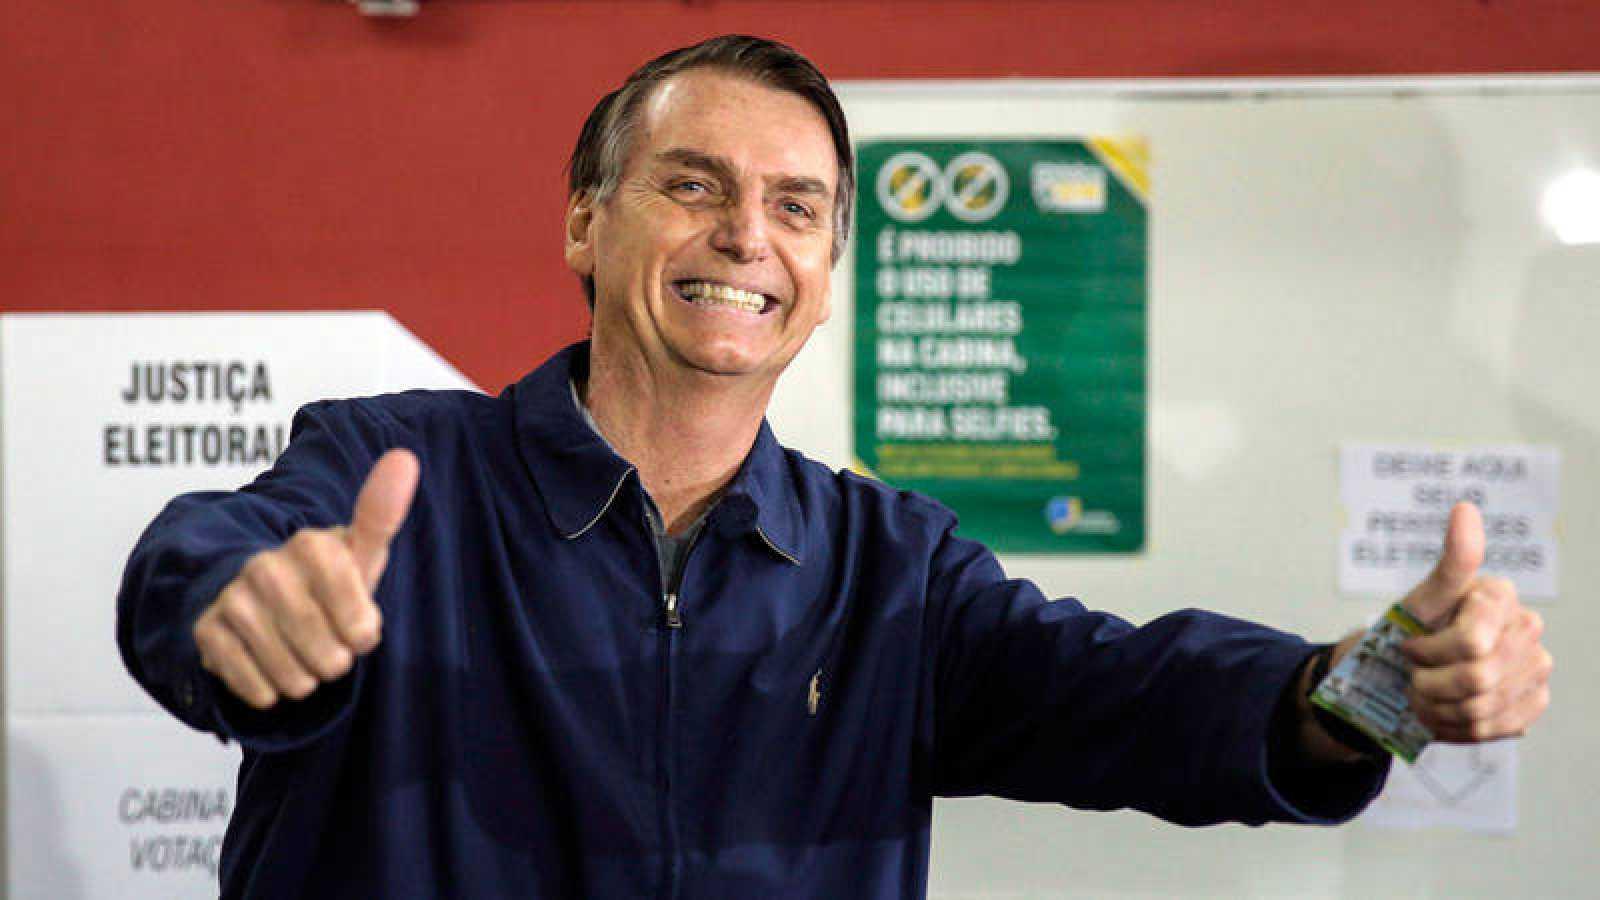 El candidato ultraderechista Jair Bolsonaro ha vencido en la primera vuelta de las presidenciales brasileñas con un 46,03% de los votos